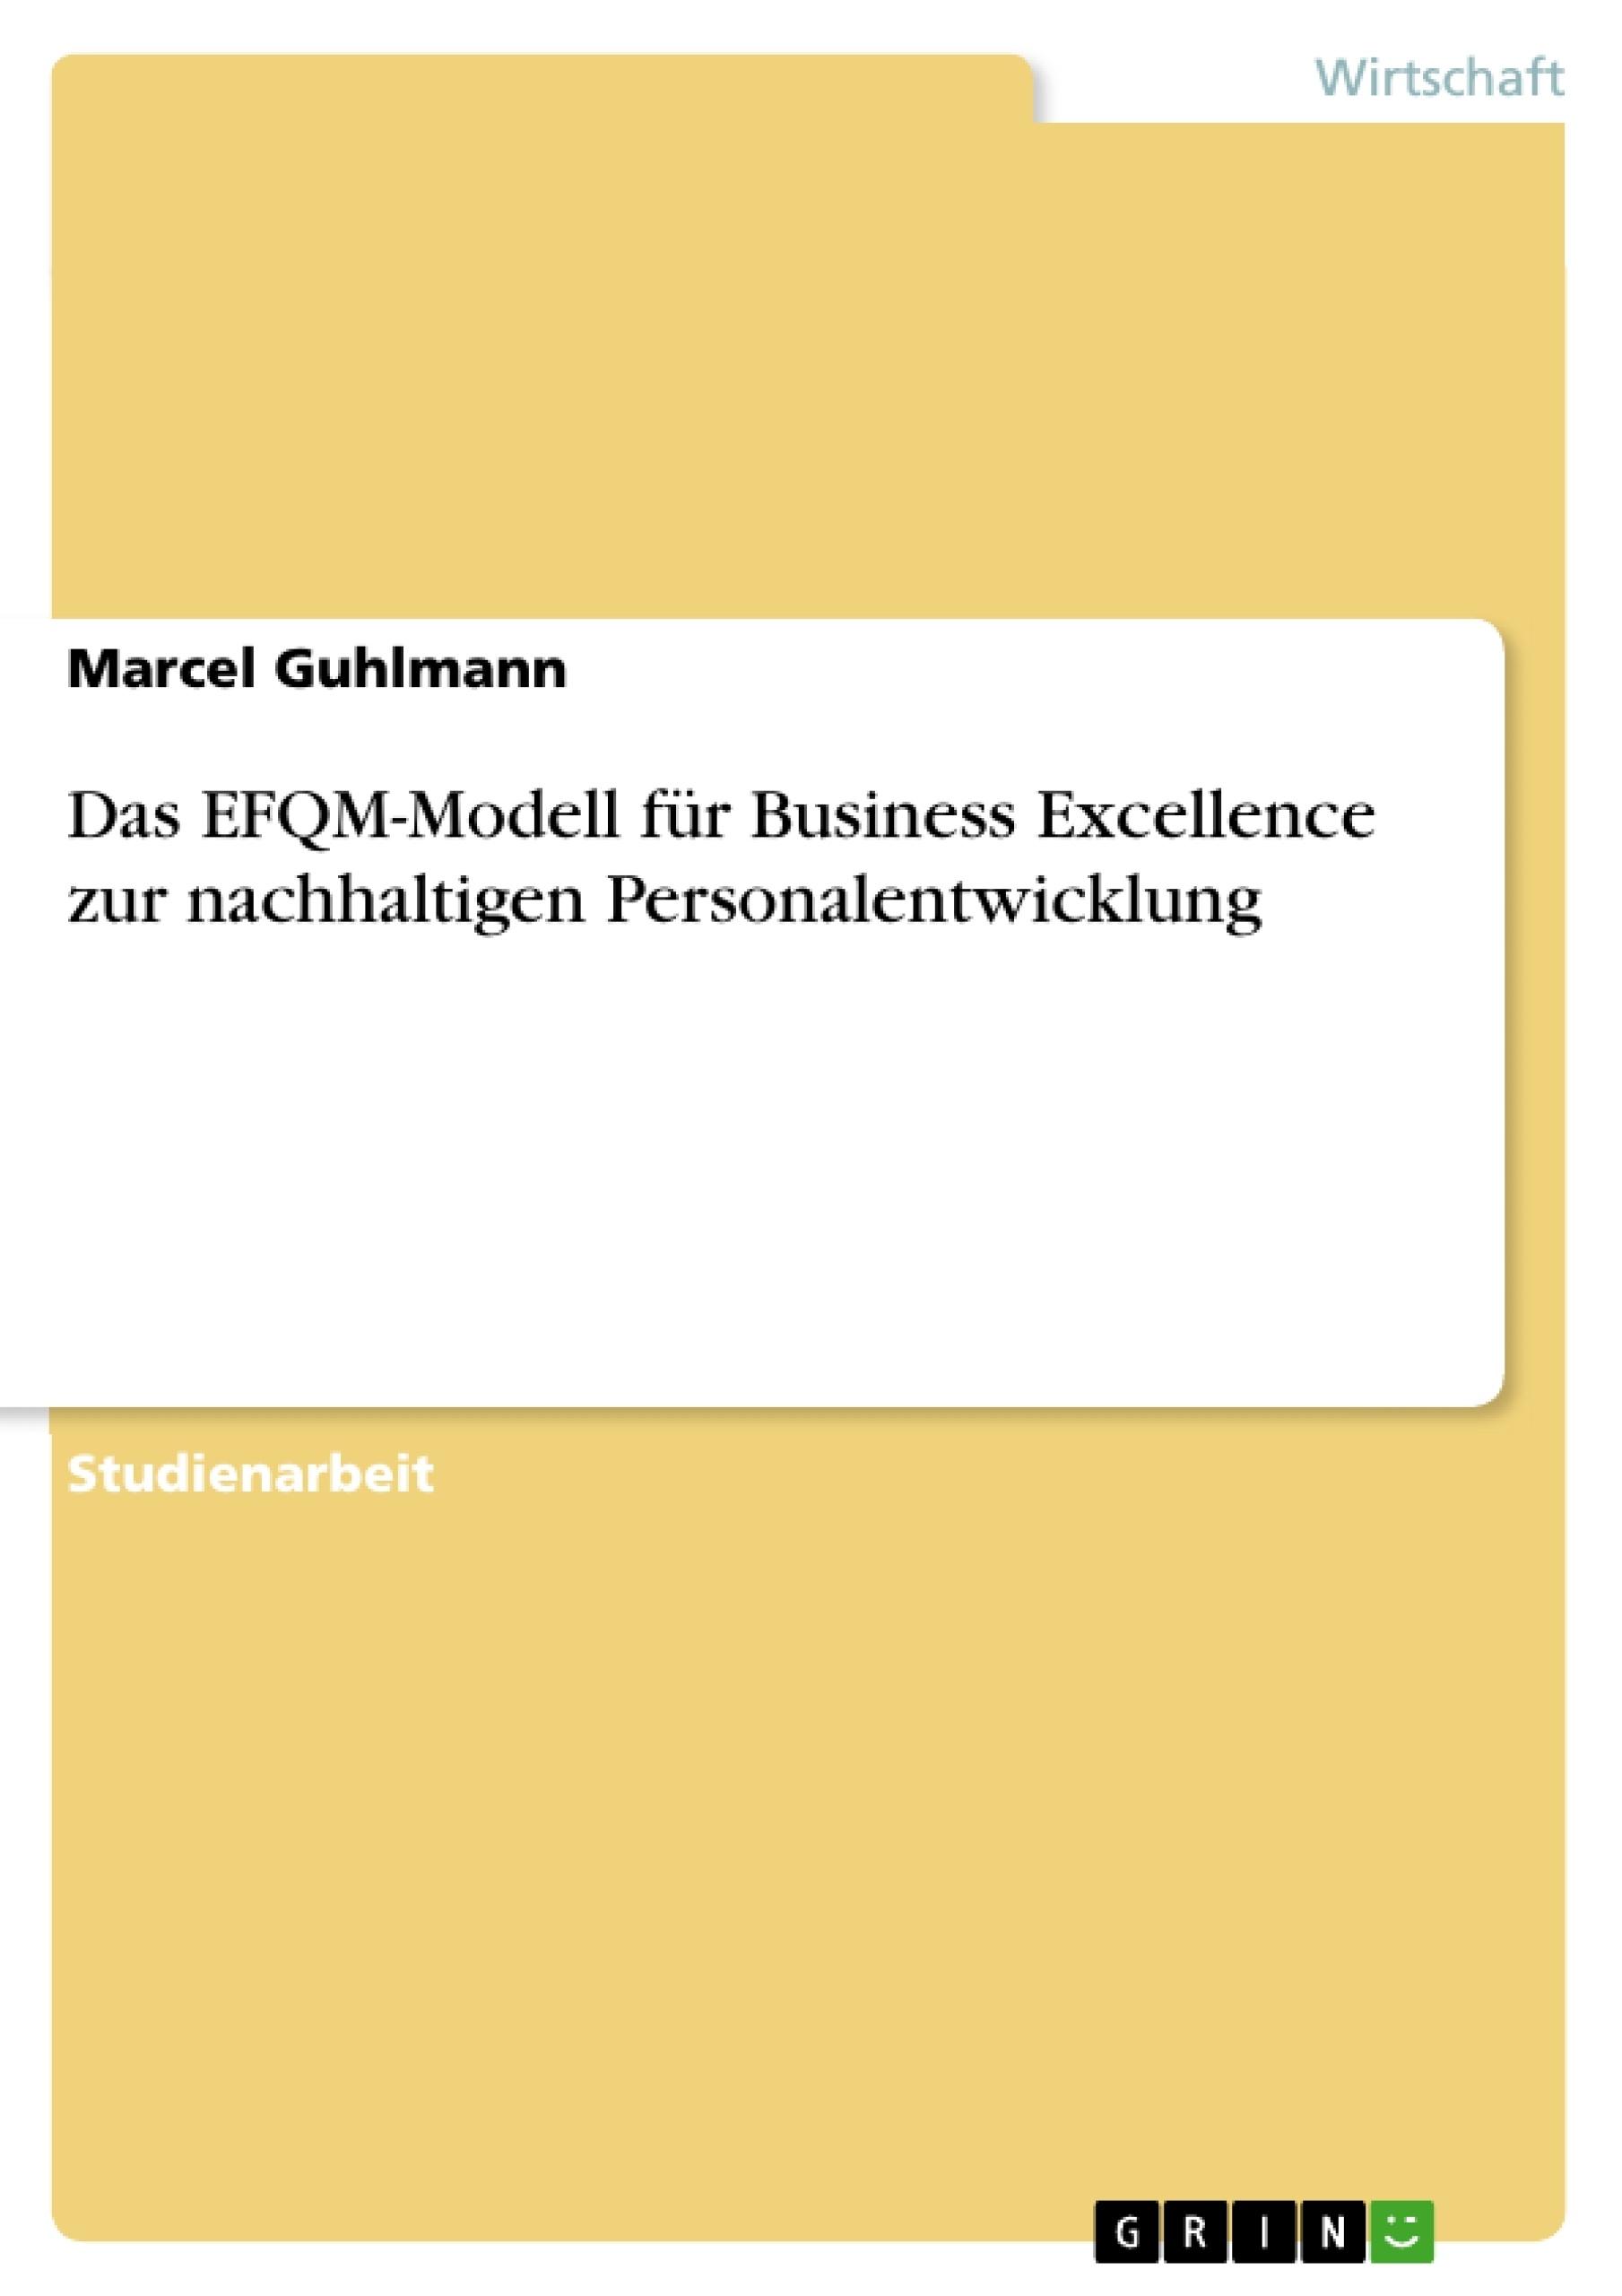 Titel: Das EFQM-Modell für Business Excellence zur nachhaltigen  Personalentwicklung